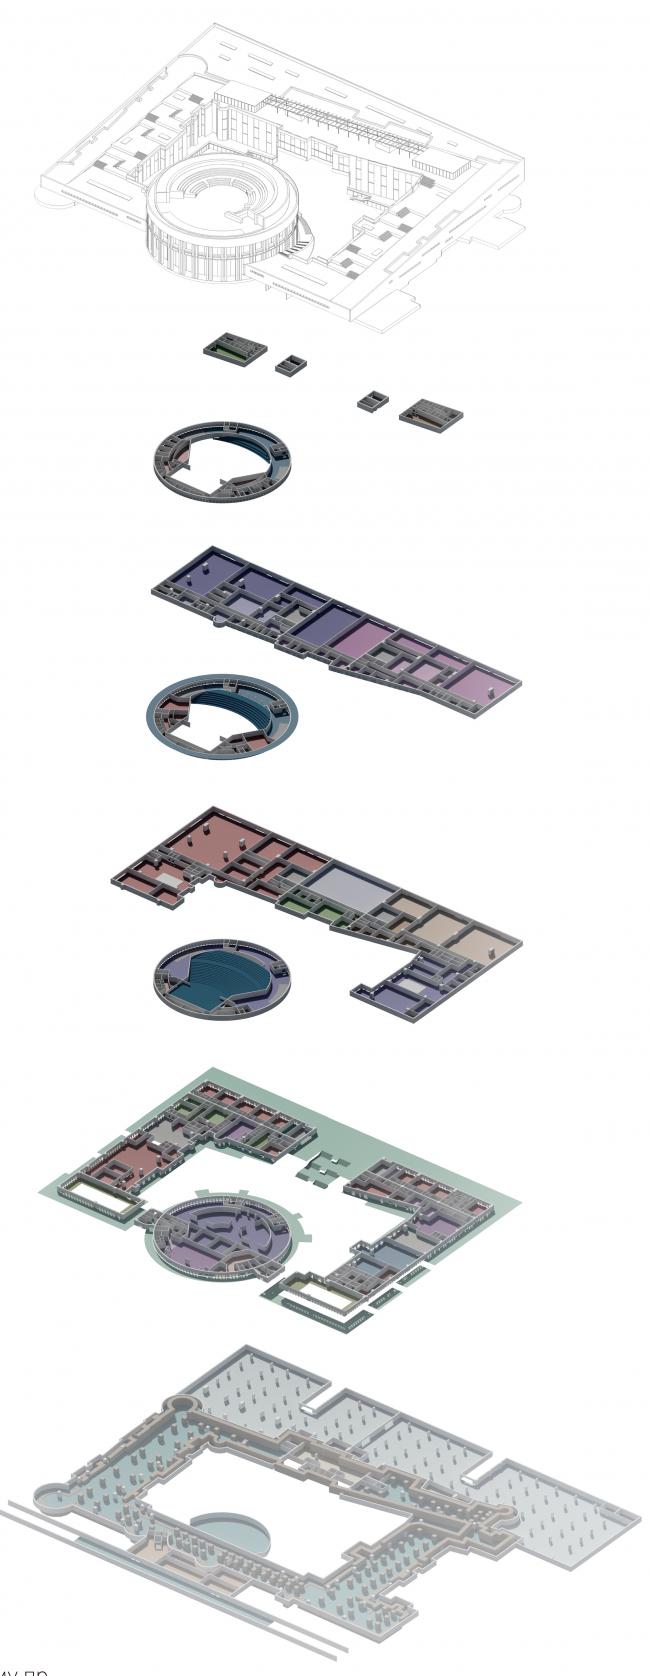 Проект историко-культурного комплекса в Калининграде. Схема этажей. Проект, 2015 © Архитектурная матсерская А.А. Столярчука